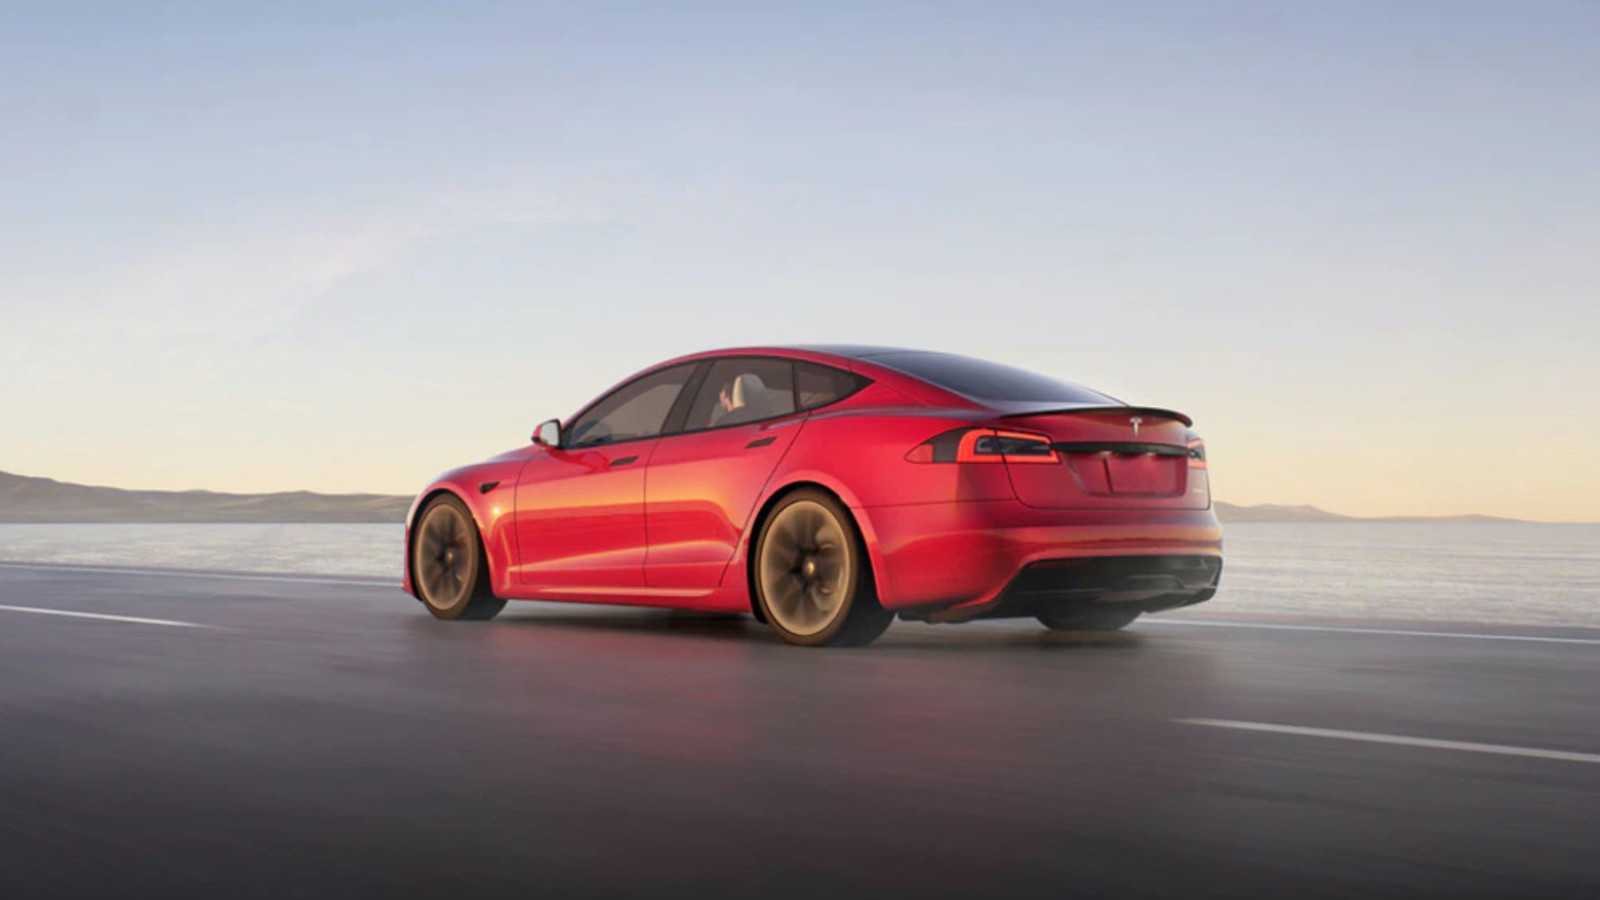 2021 ändert sich bei Teslas Erfolgsmodellen Tesla Model S und X einiges.